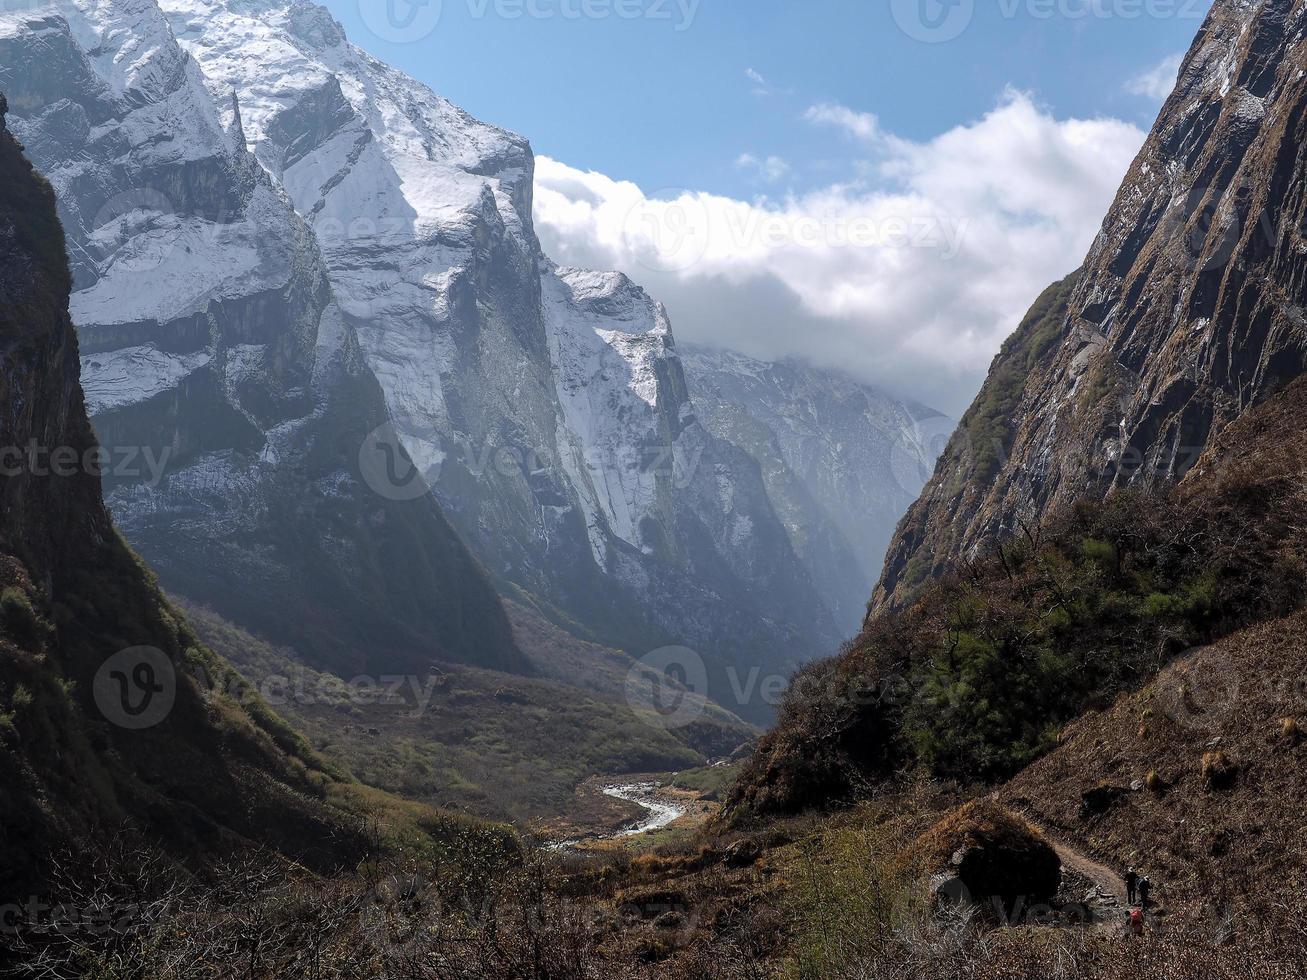 modi Khola Valley, vägen till Annapurna basläger, Nepal foto